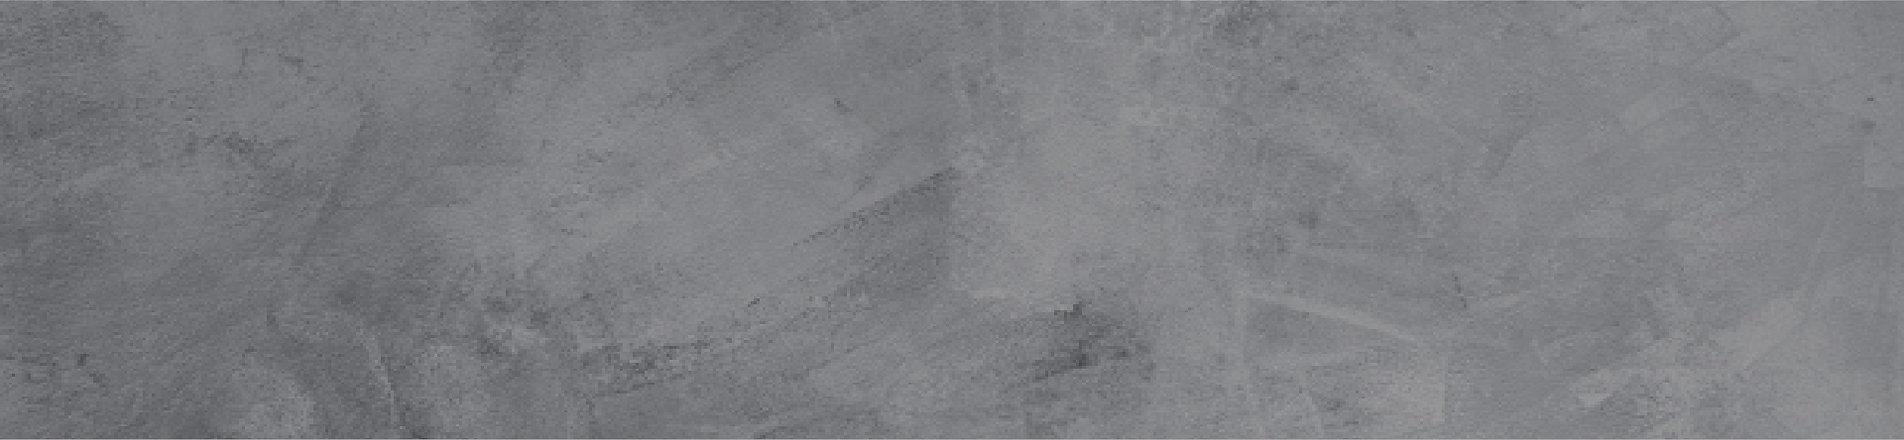 gray_bg-18.jpg